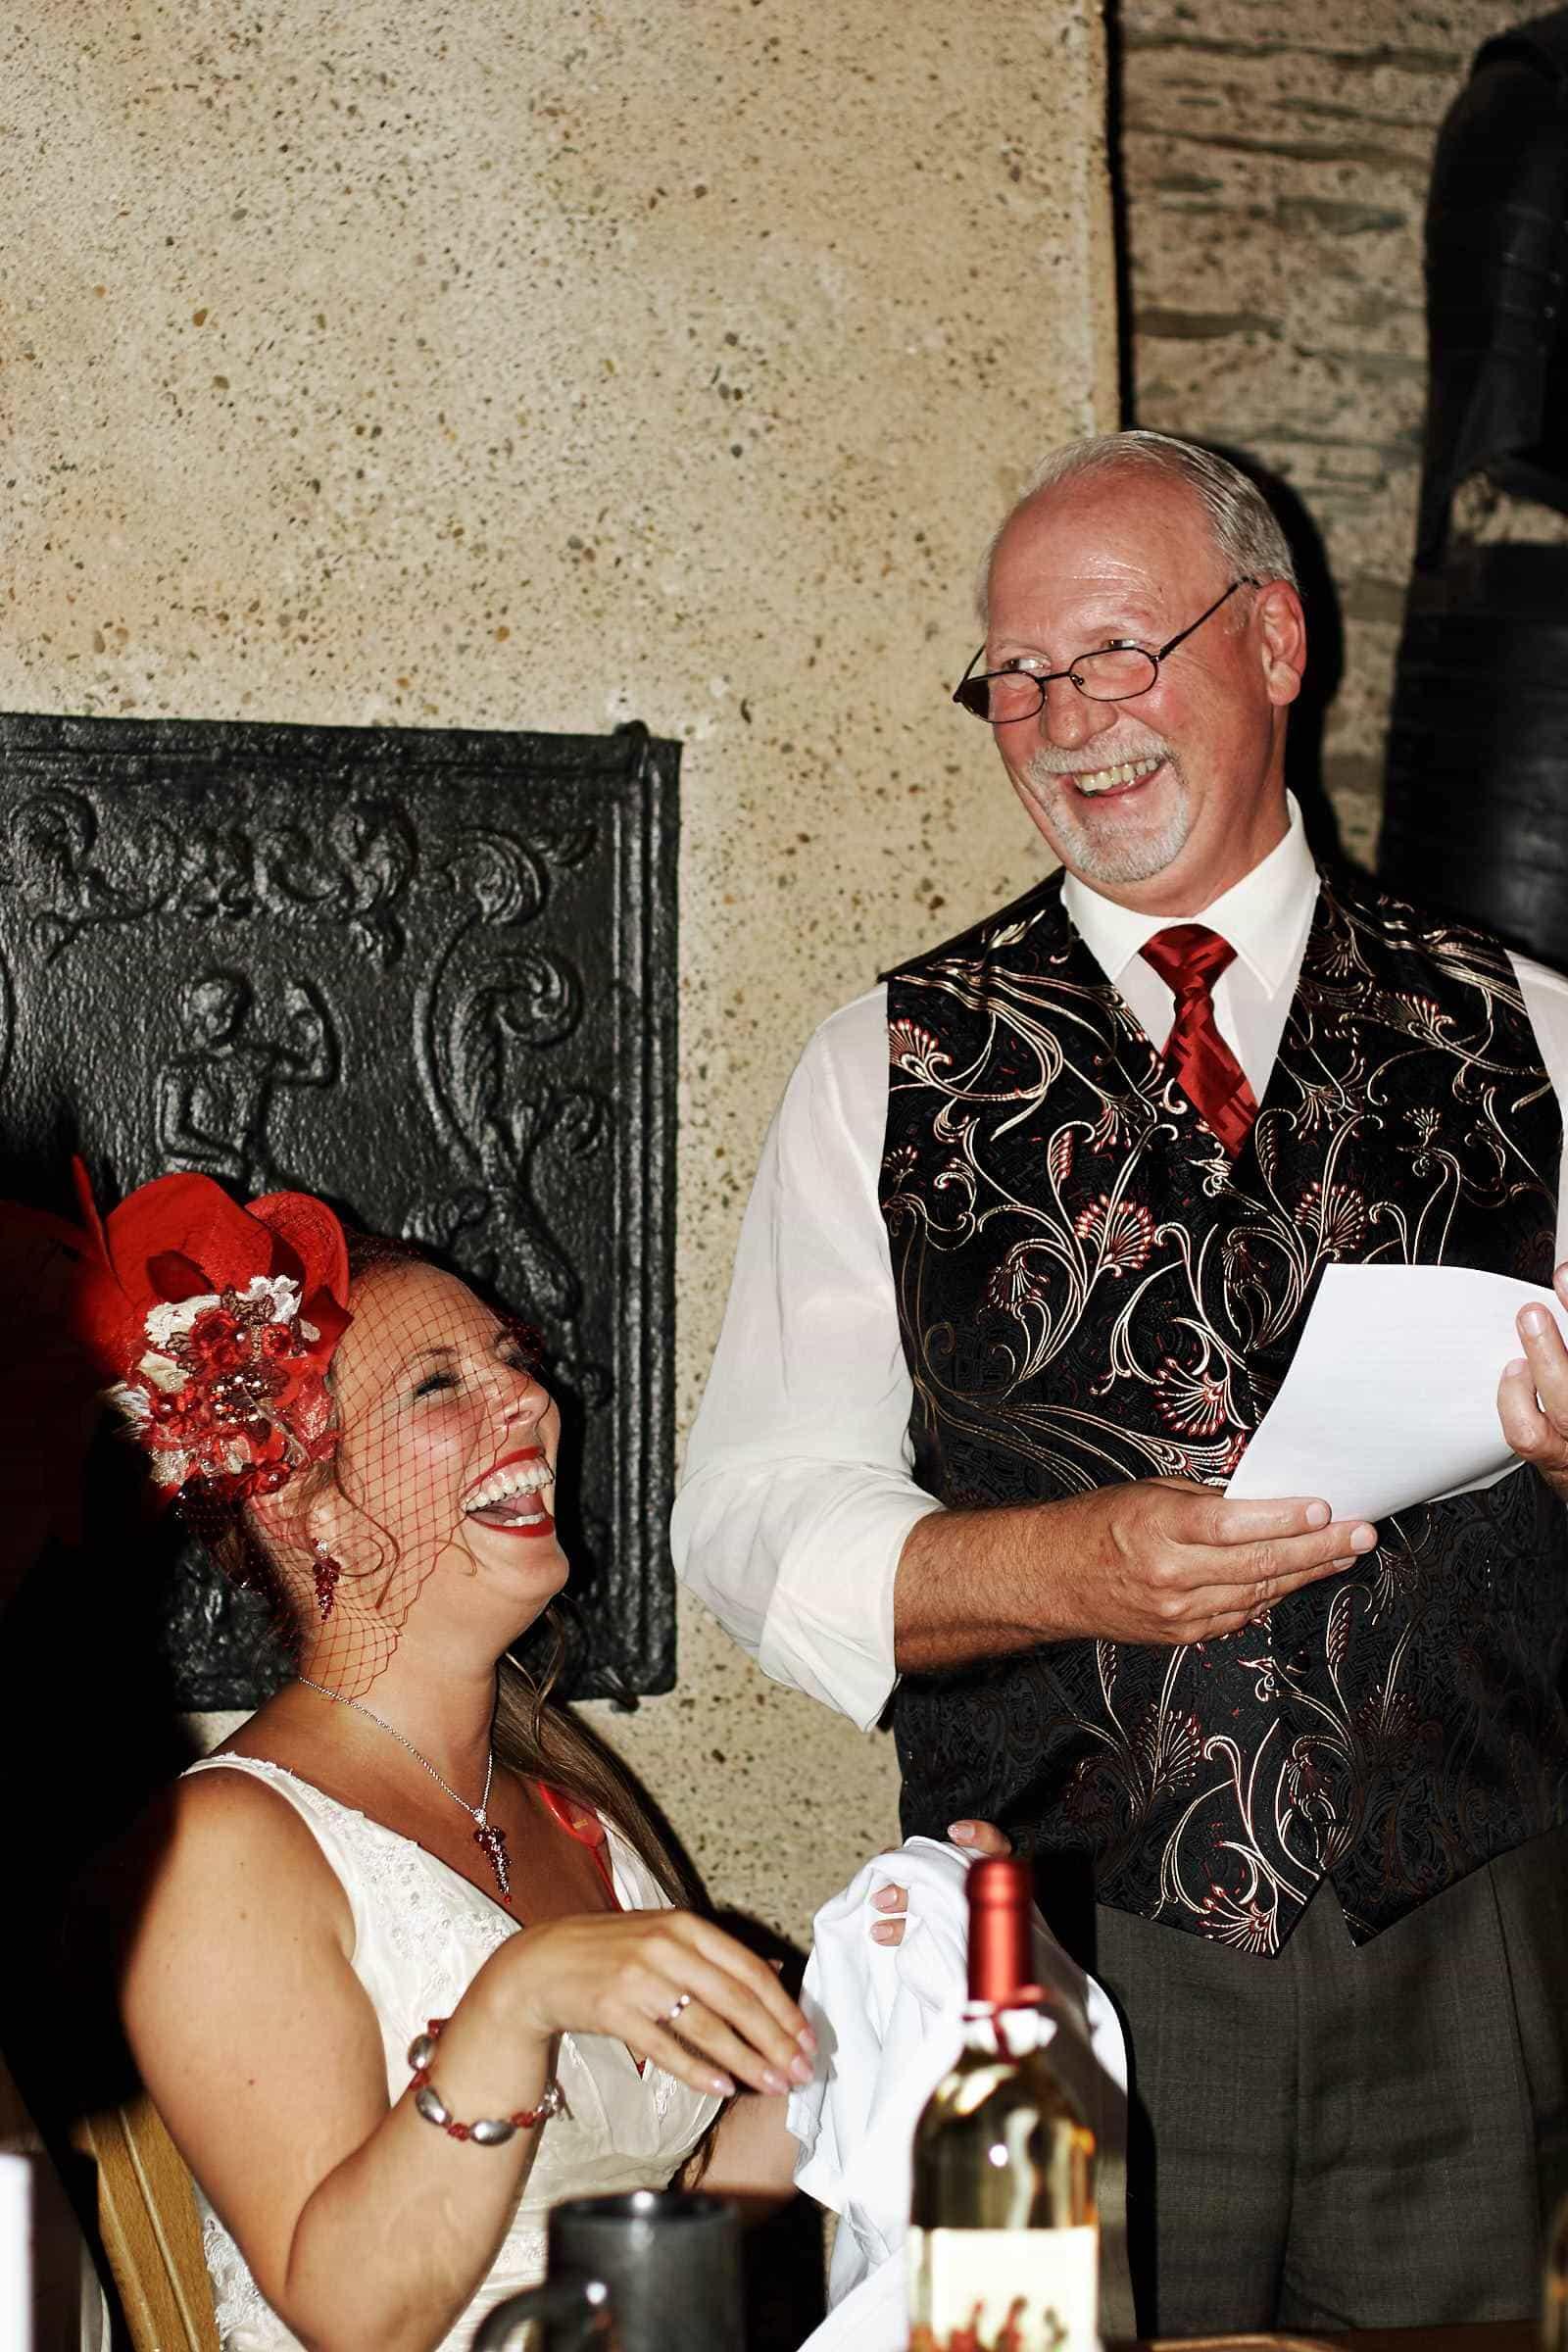 Ansprache Brautvater, fotografiert vom Fotograf für Hochzeiten aus Trier